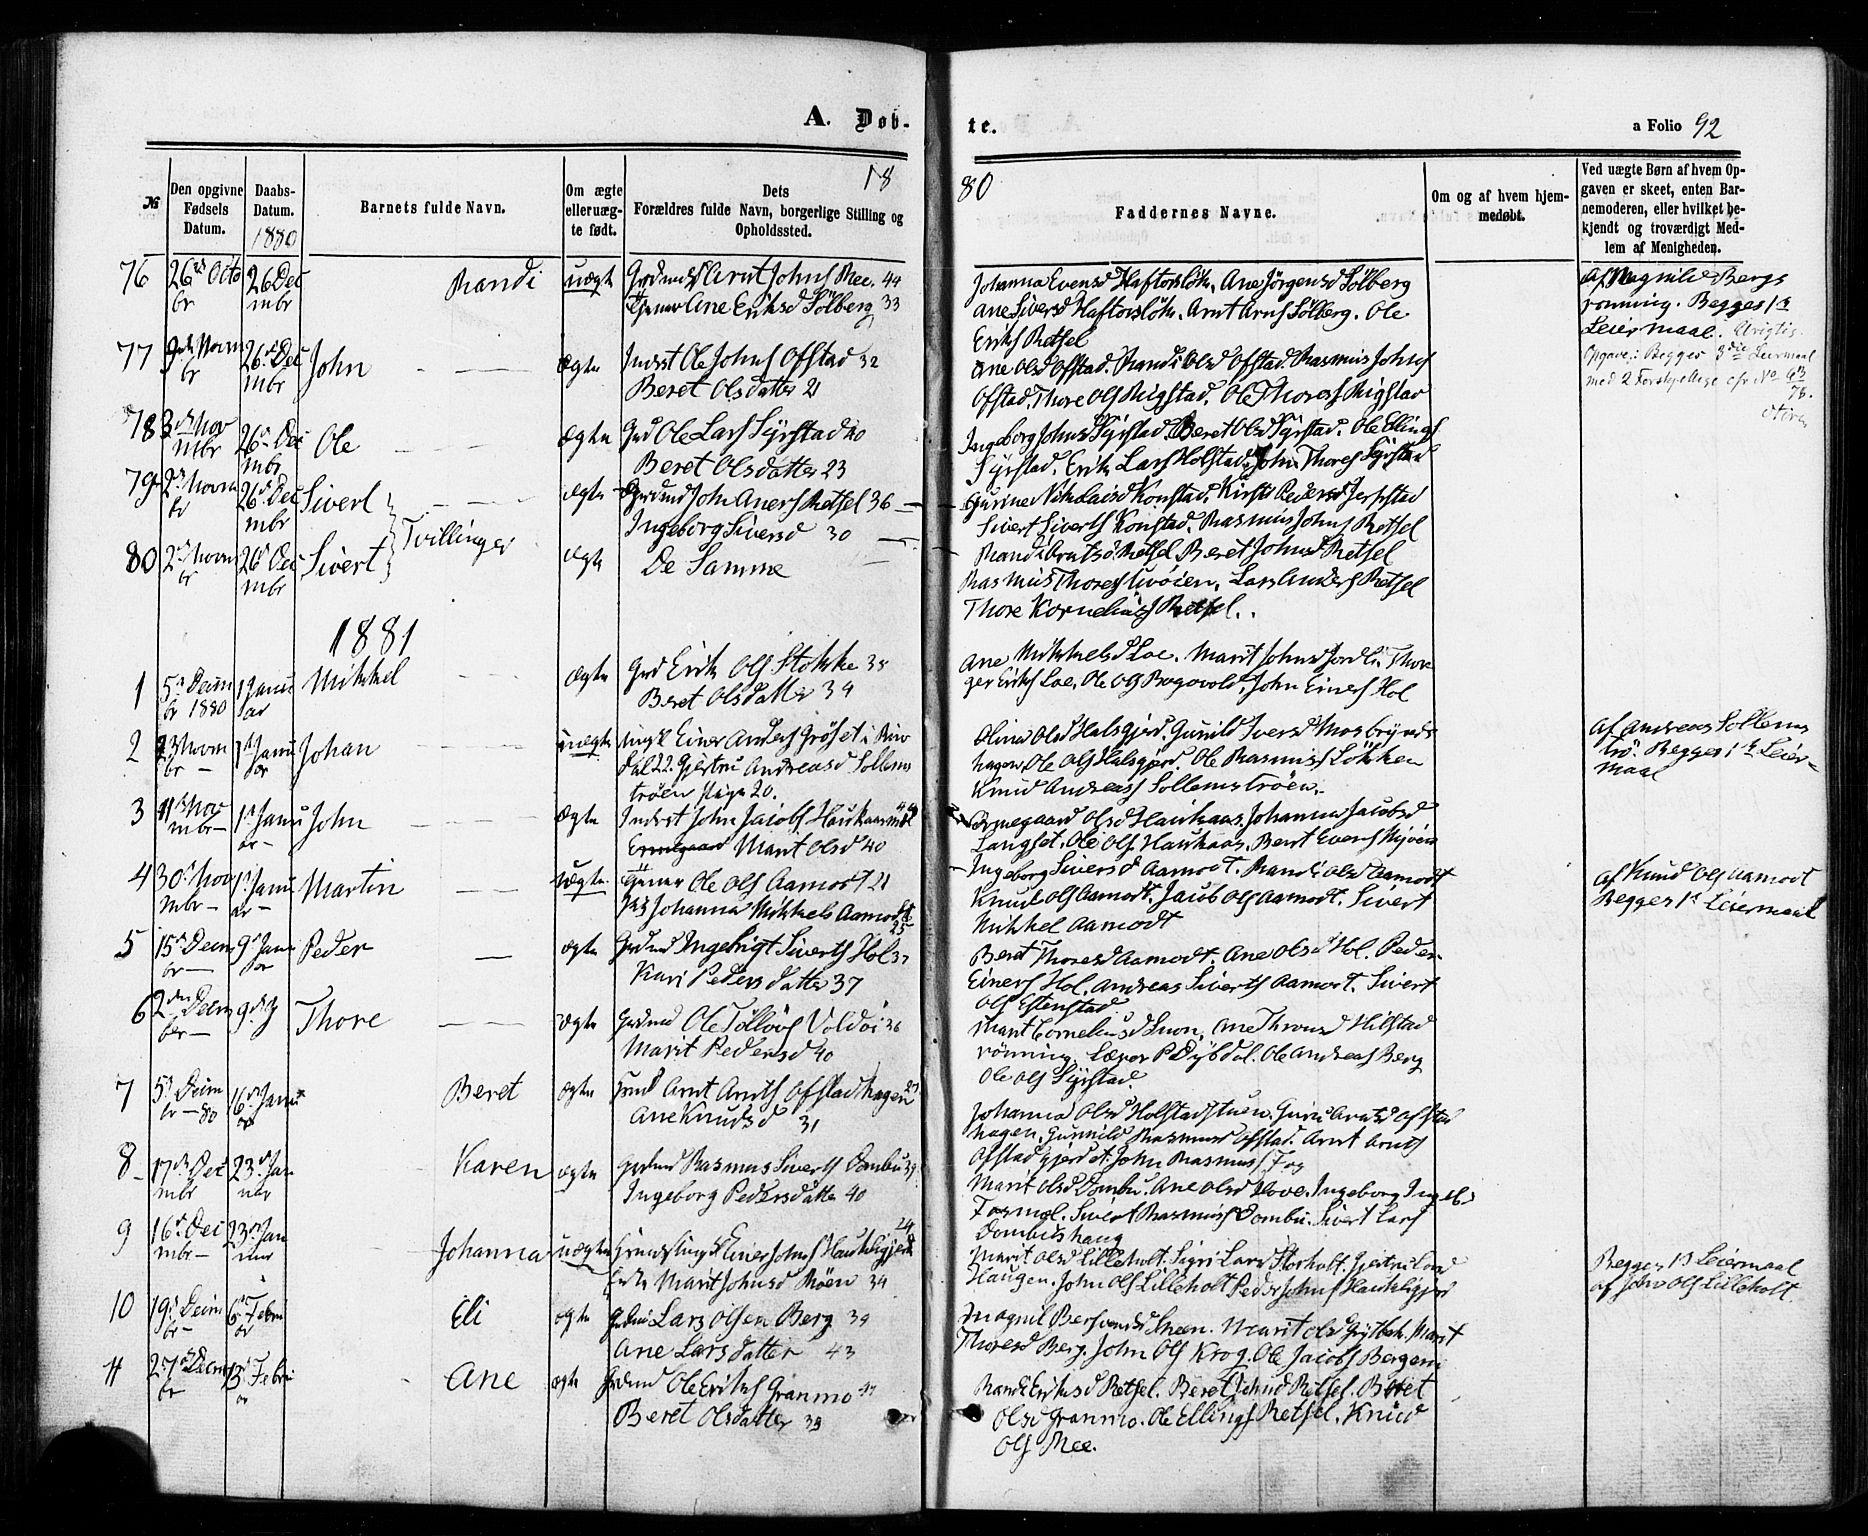 SAT, Ministerialprotokoller, klokkerbøker og fødselsregistre - Sør-Trøndelag, 672/L0856: Ministerialbok nr. 672A08, 1861-1881, s. 92